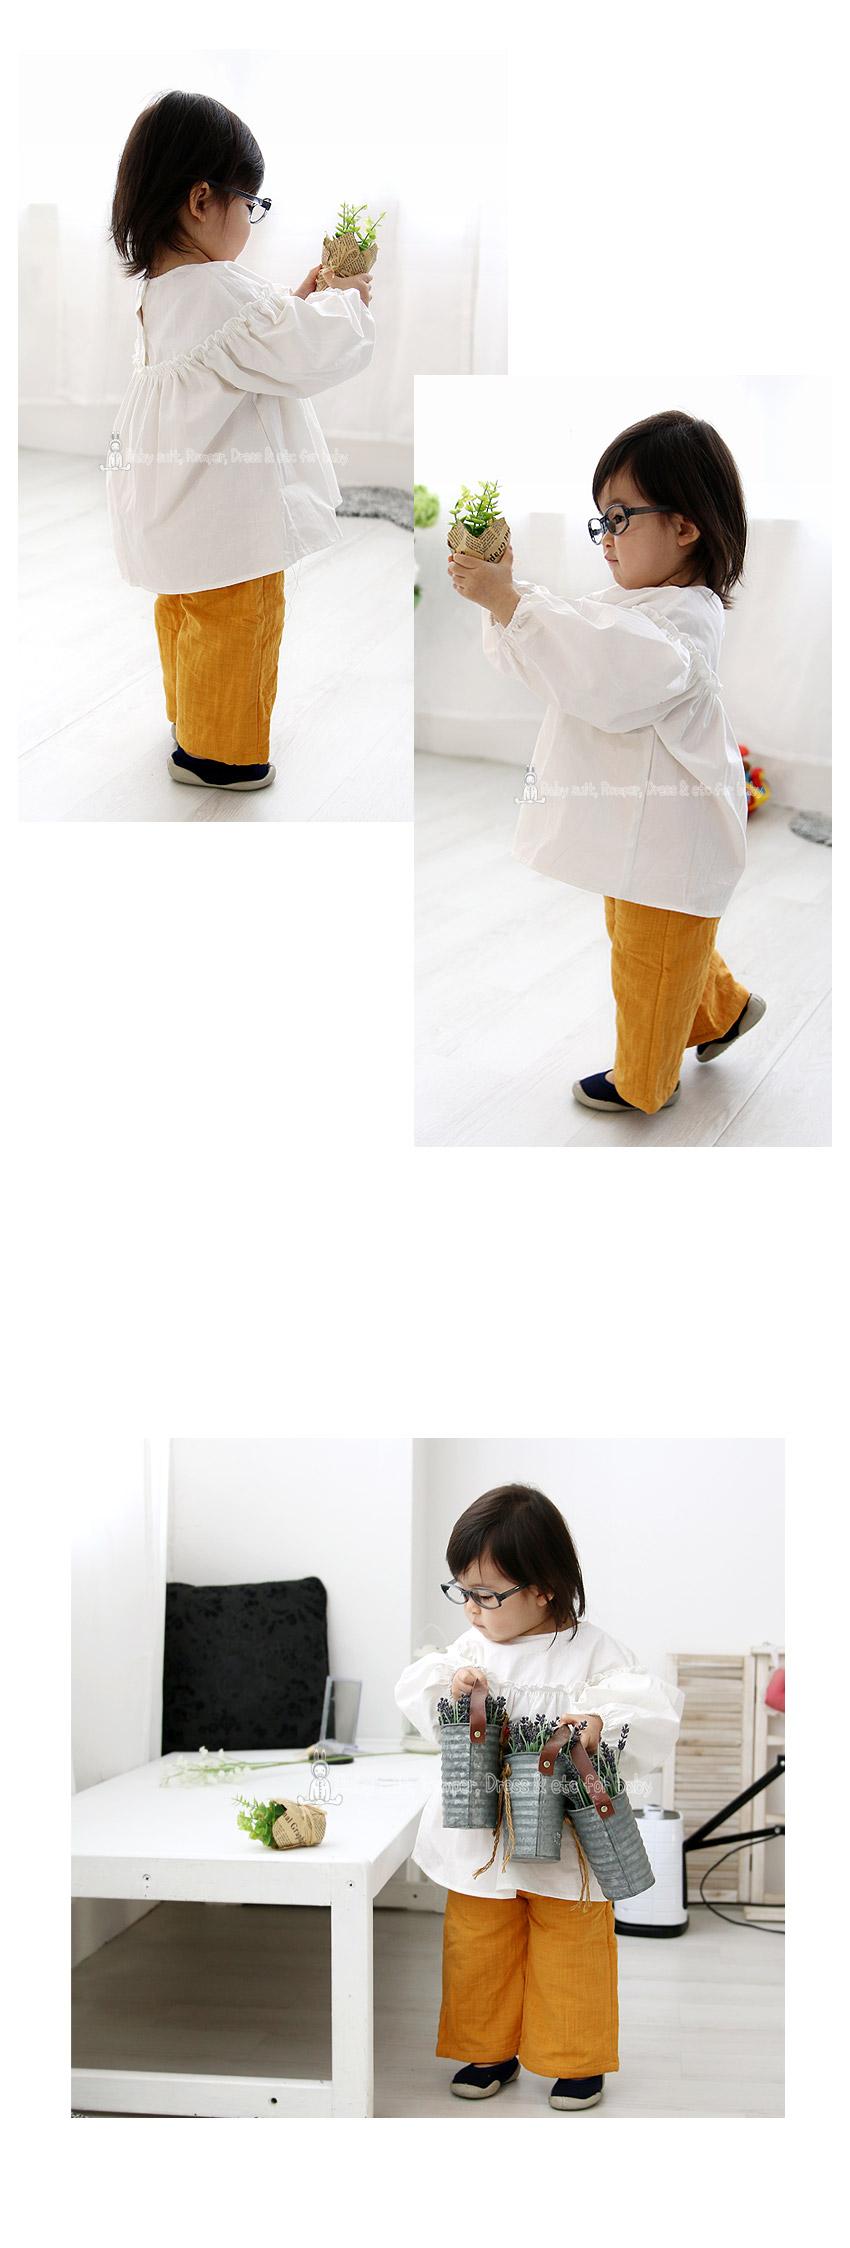 클리오 여아 프릴 블라우스 T176 - 베이비맥스, 12,500원, 상의/아우터, 티셔츠